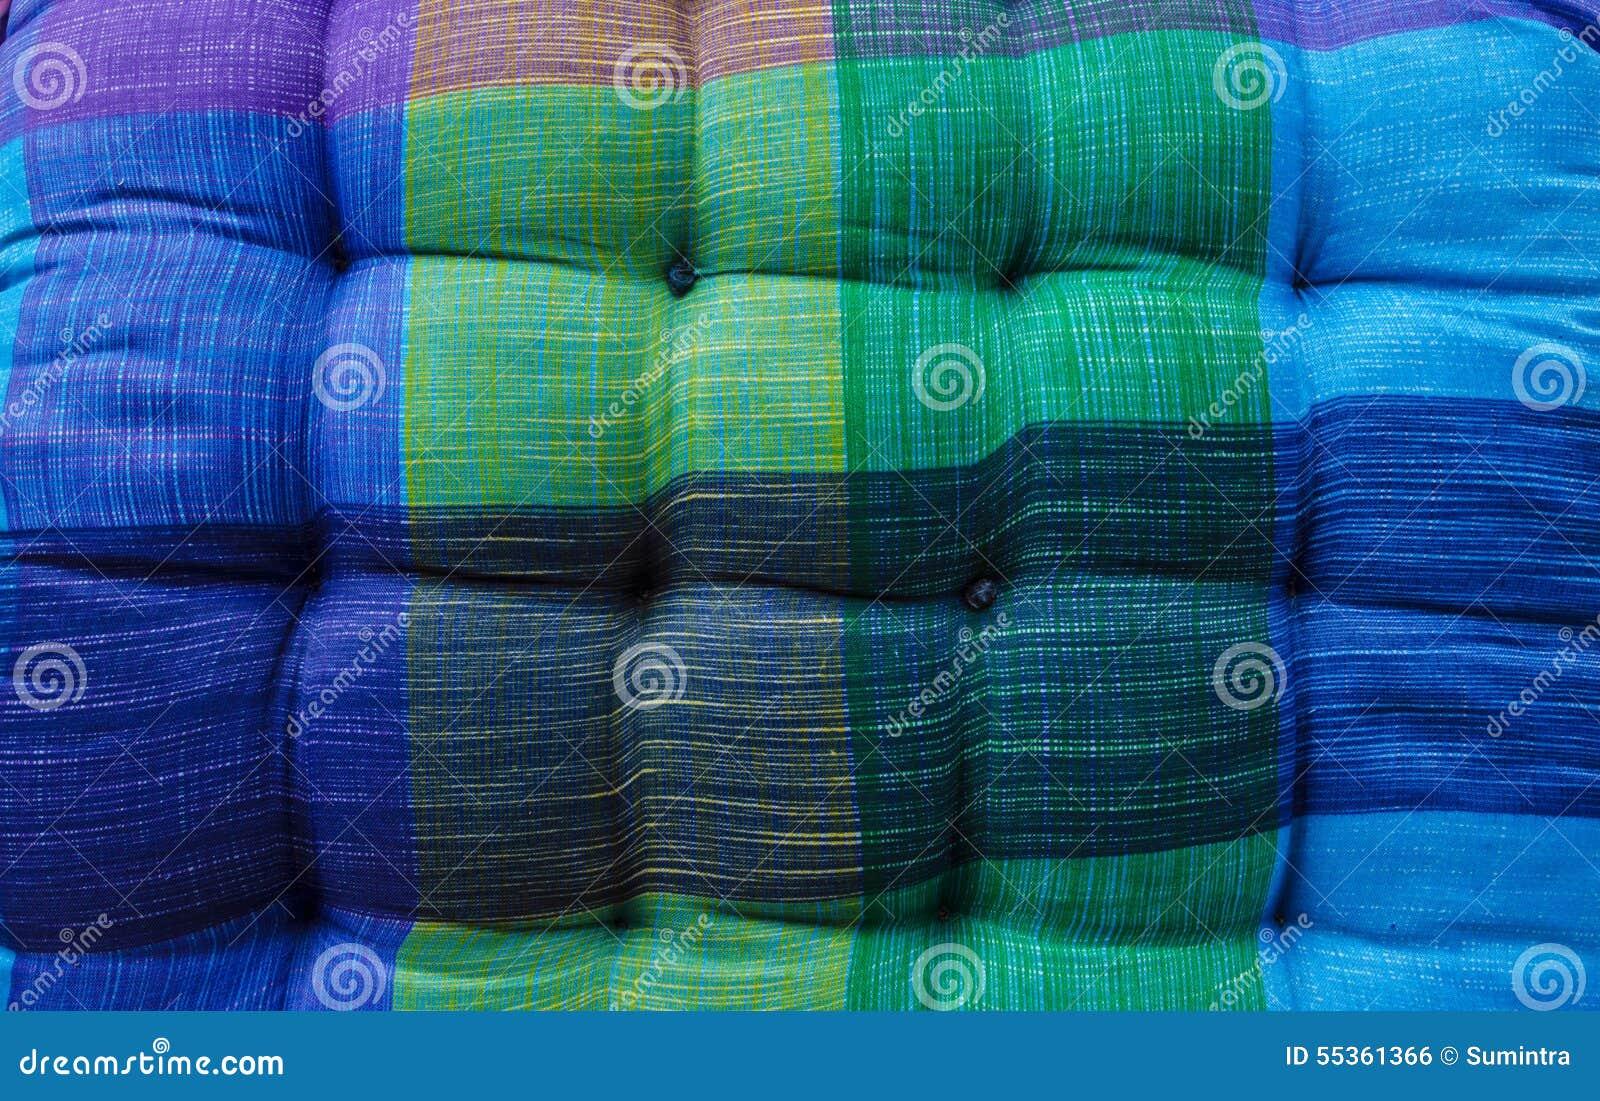 Bella decorazione del cuscino della sedia di colore